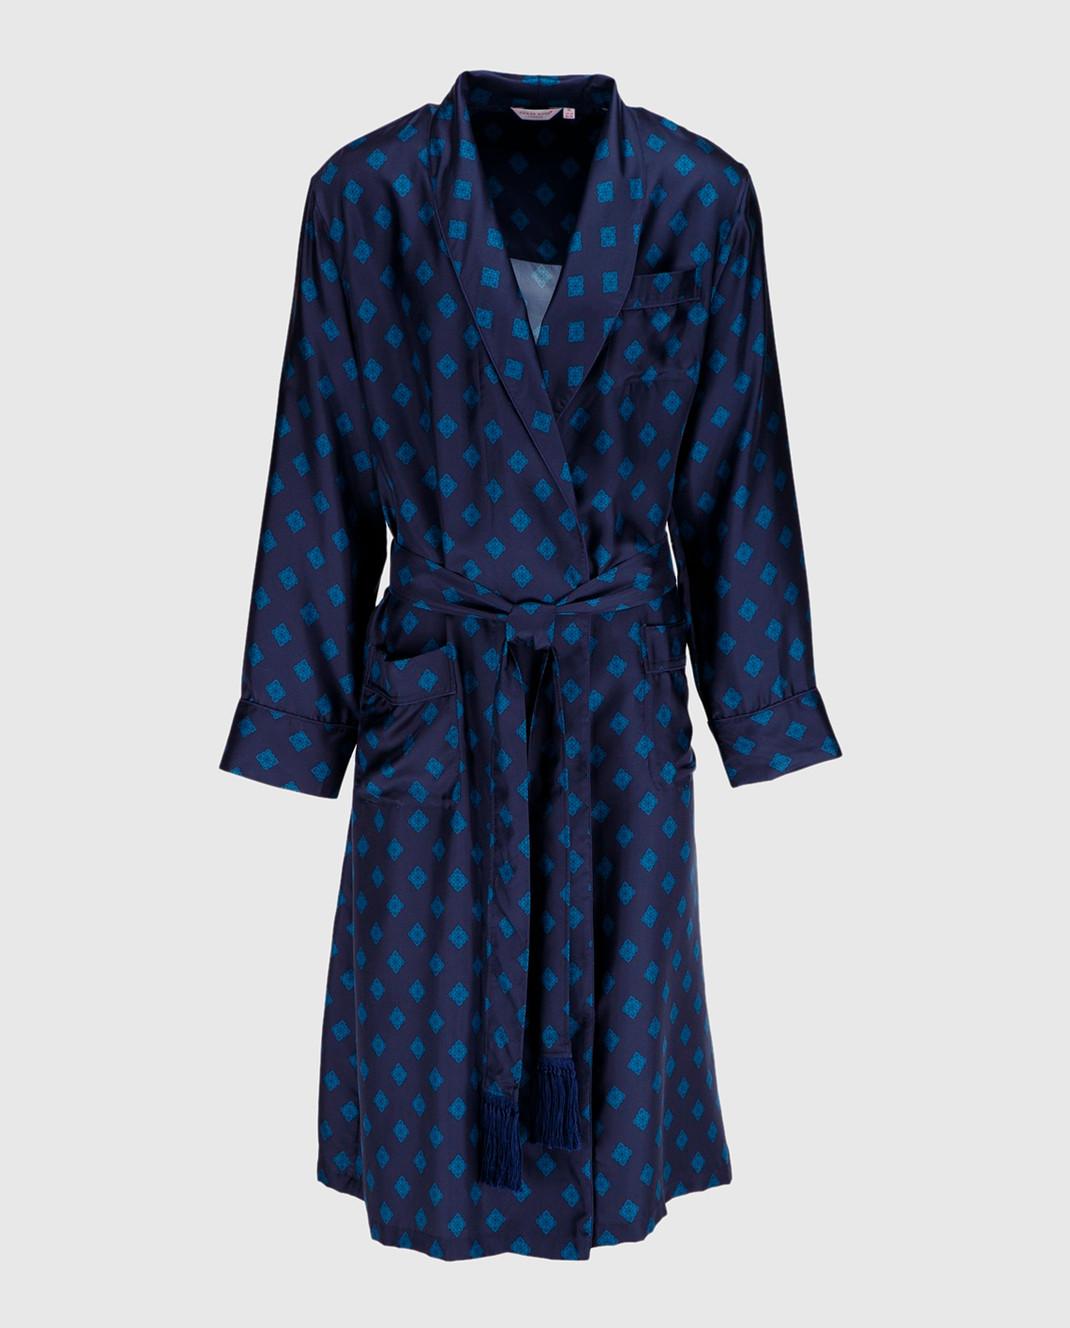 Derek Rose Темно-синий халат из шелка 5535OTIS011